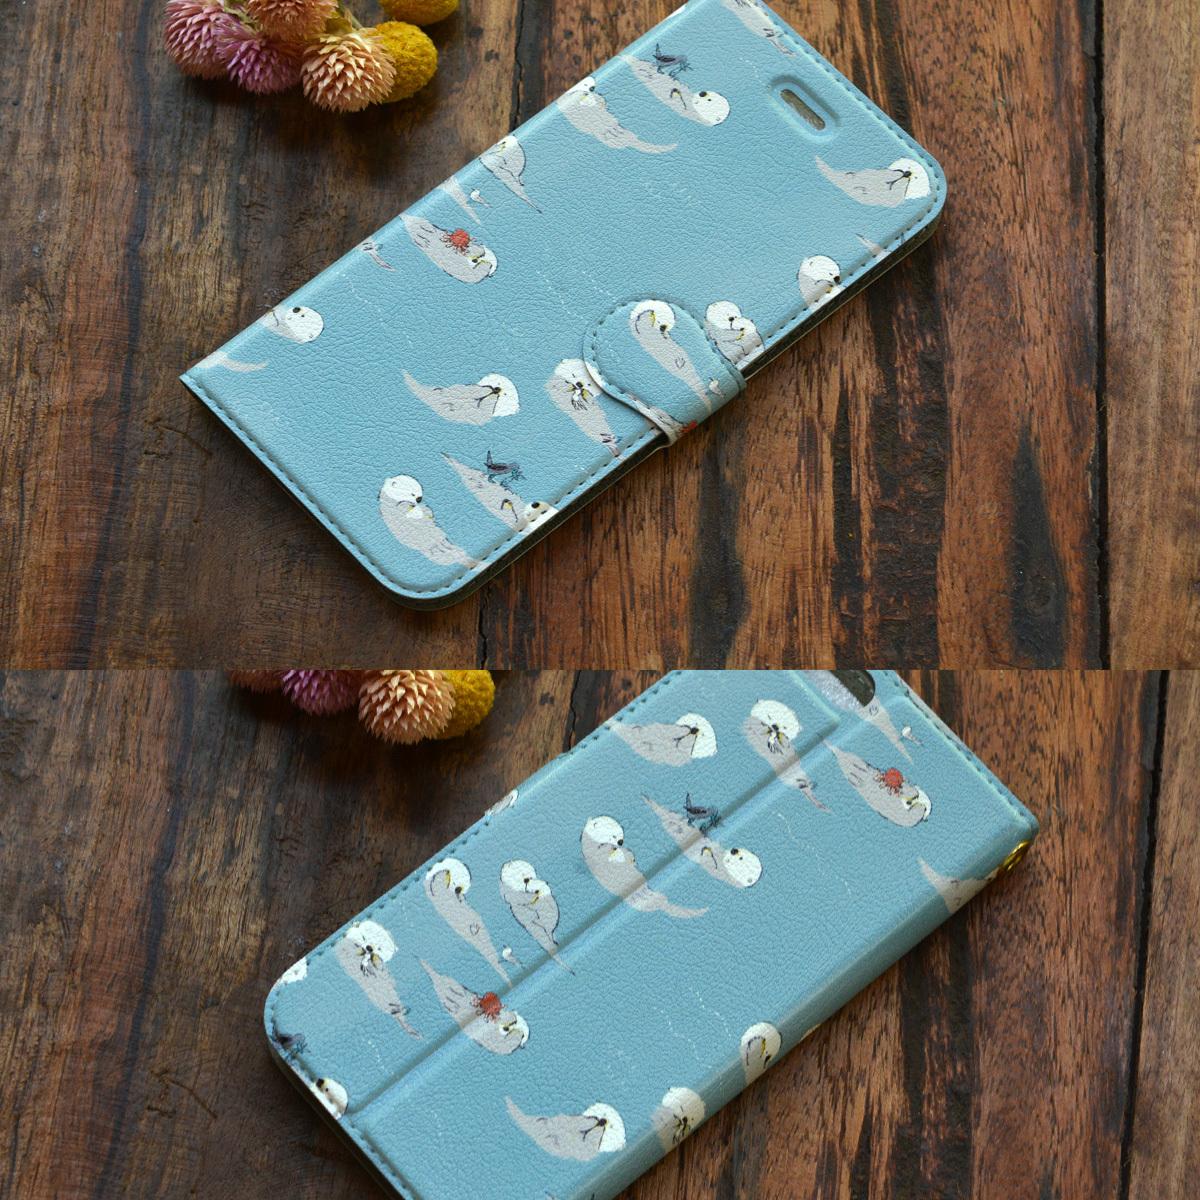 【訳あり】アイフォン6s ケース 手帳型 かわいい iphone6s ケース 手帳 大人かわいい iphone6s ケース 手帳 シンプル かわいい ラッコの一日/Bitte Mitte!【bm-iph6t-10026-B1】